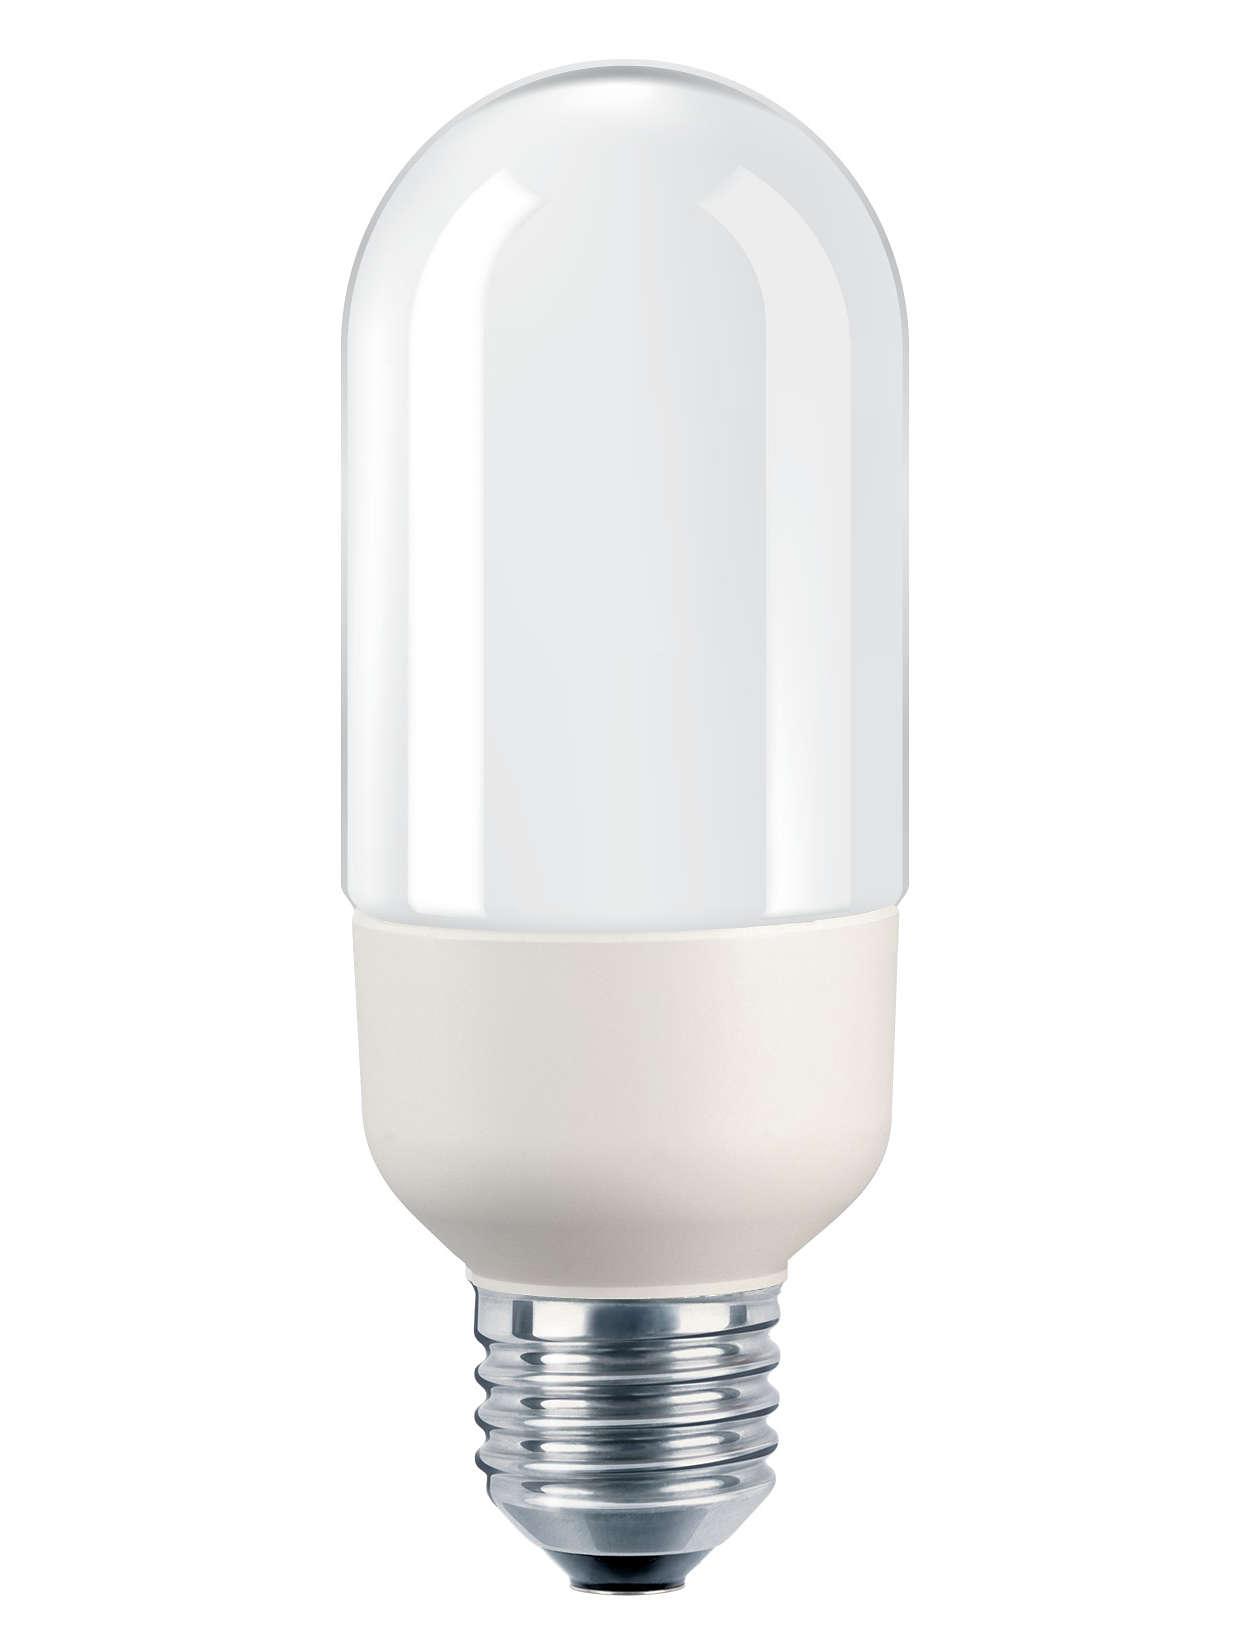 Venkovní osvětlení pro kvalitní život